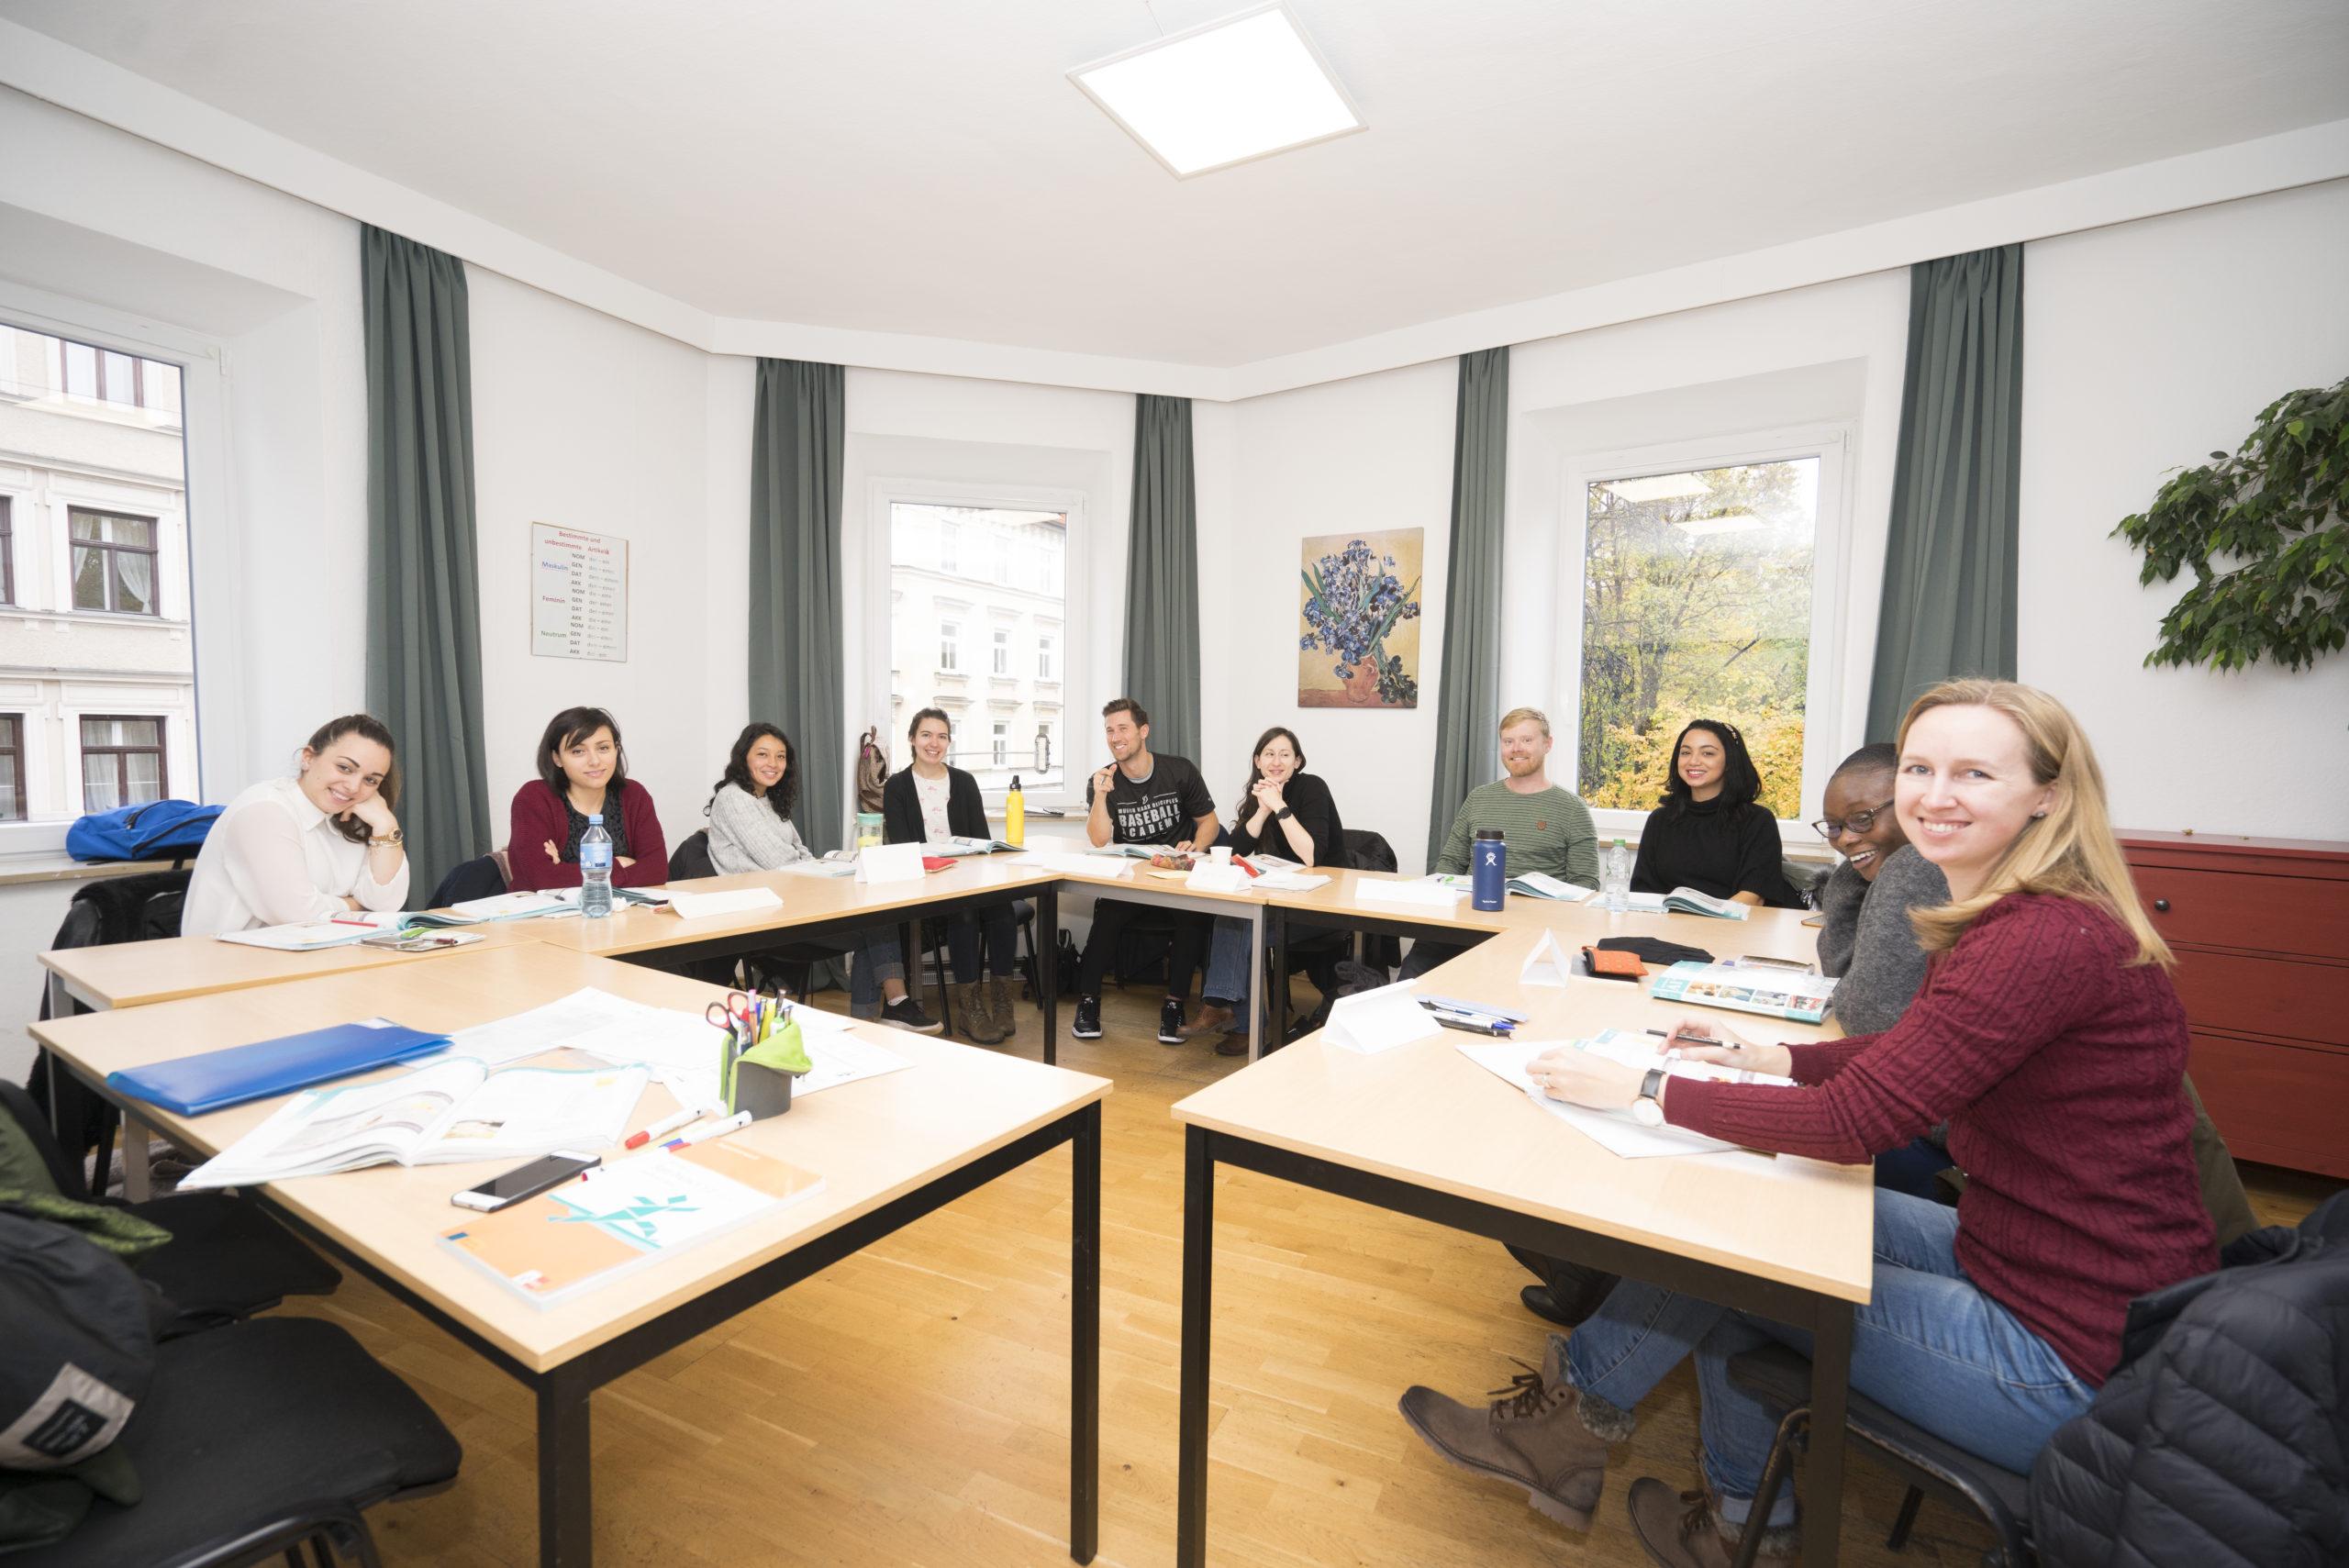 Taiwanisch lernen in München